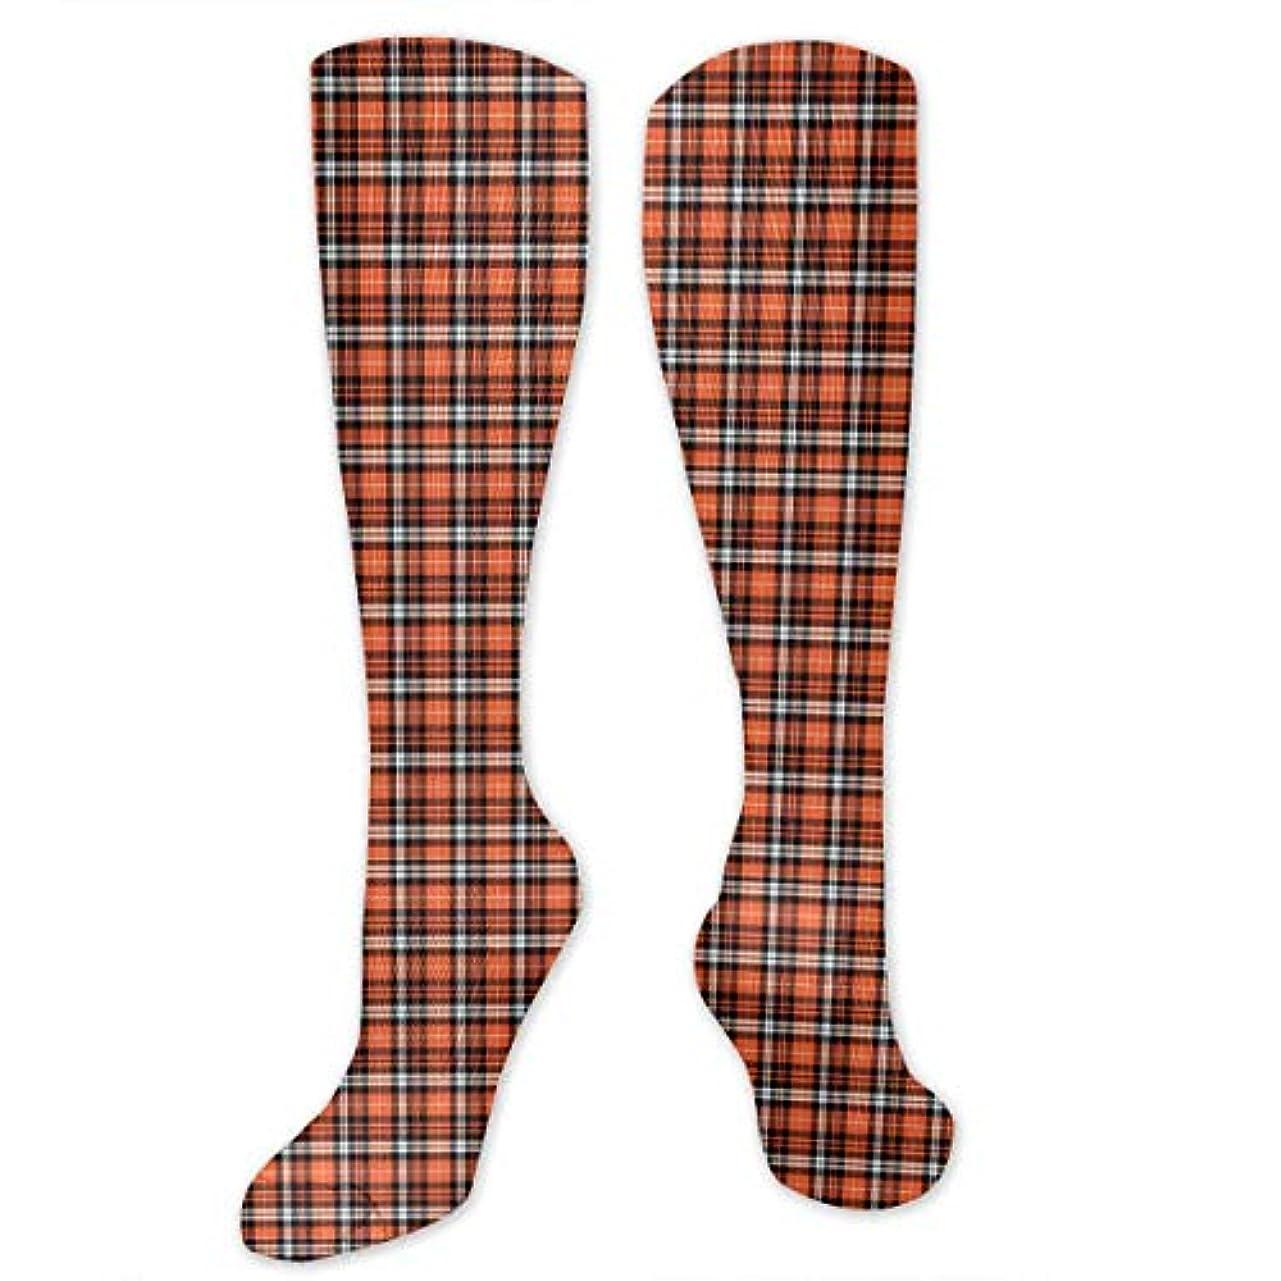 拮抗する押す私たち自身靴下,ストッキング,野生のジョーカー,実際,秋の本質,冬必須,サマーウェア&RBXAA Pumpkin Fall Plaid Orange,Black,White Socks Women's Winter Cotton...